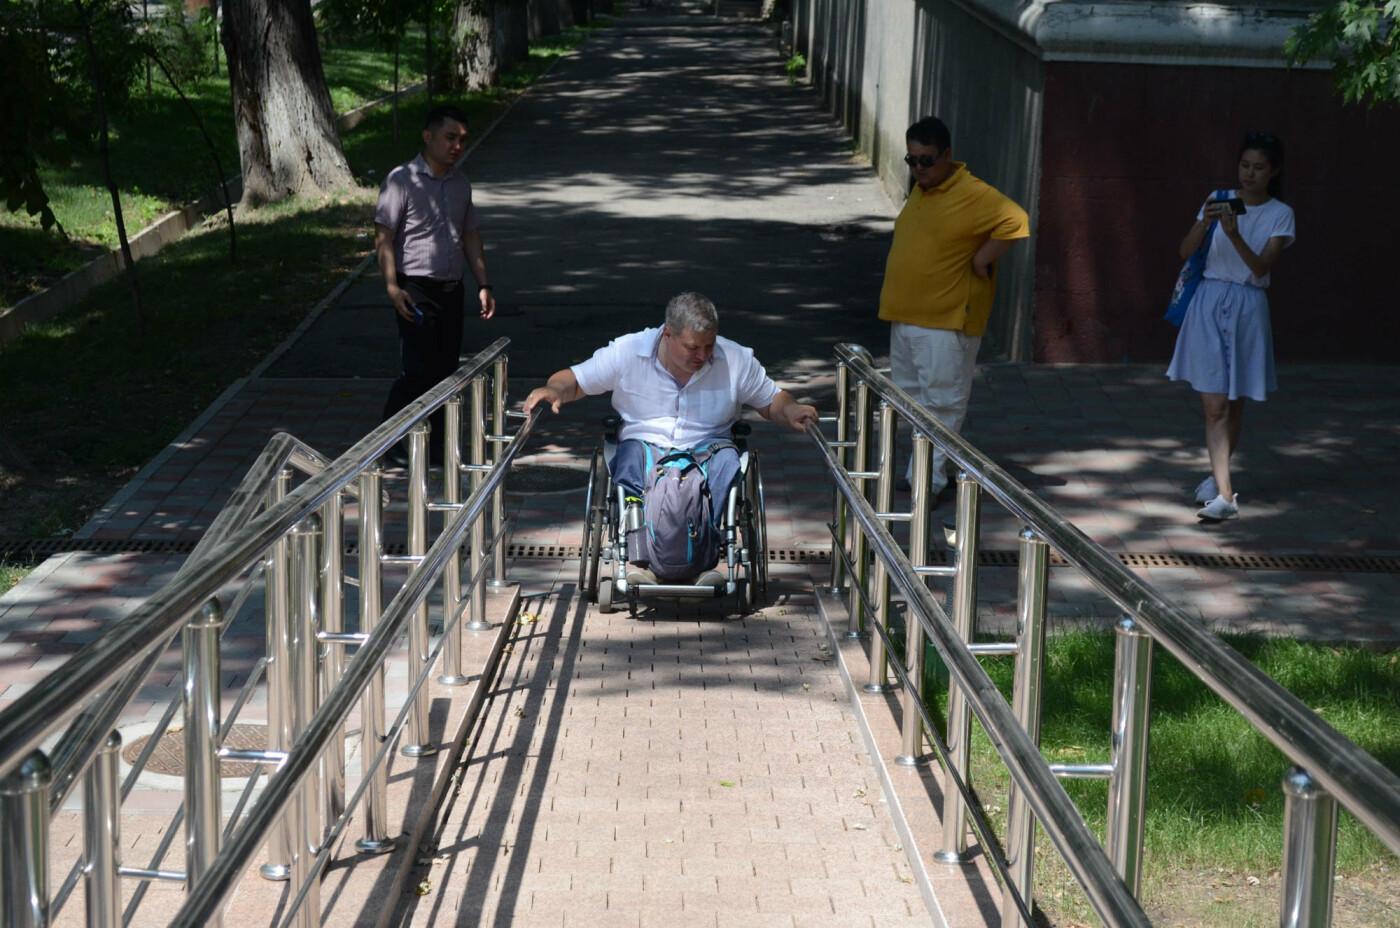 Улицы Алматы враждебны к инвалидам - оценка мониторинга Общественного совета, фото-2